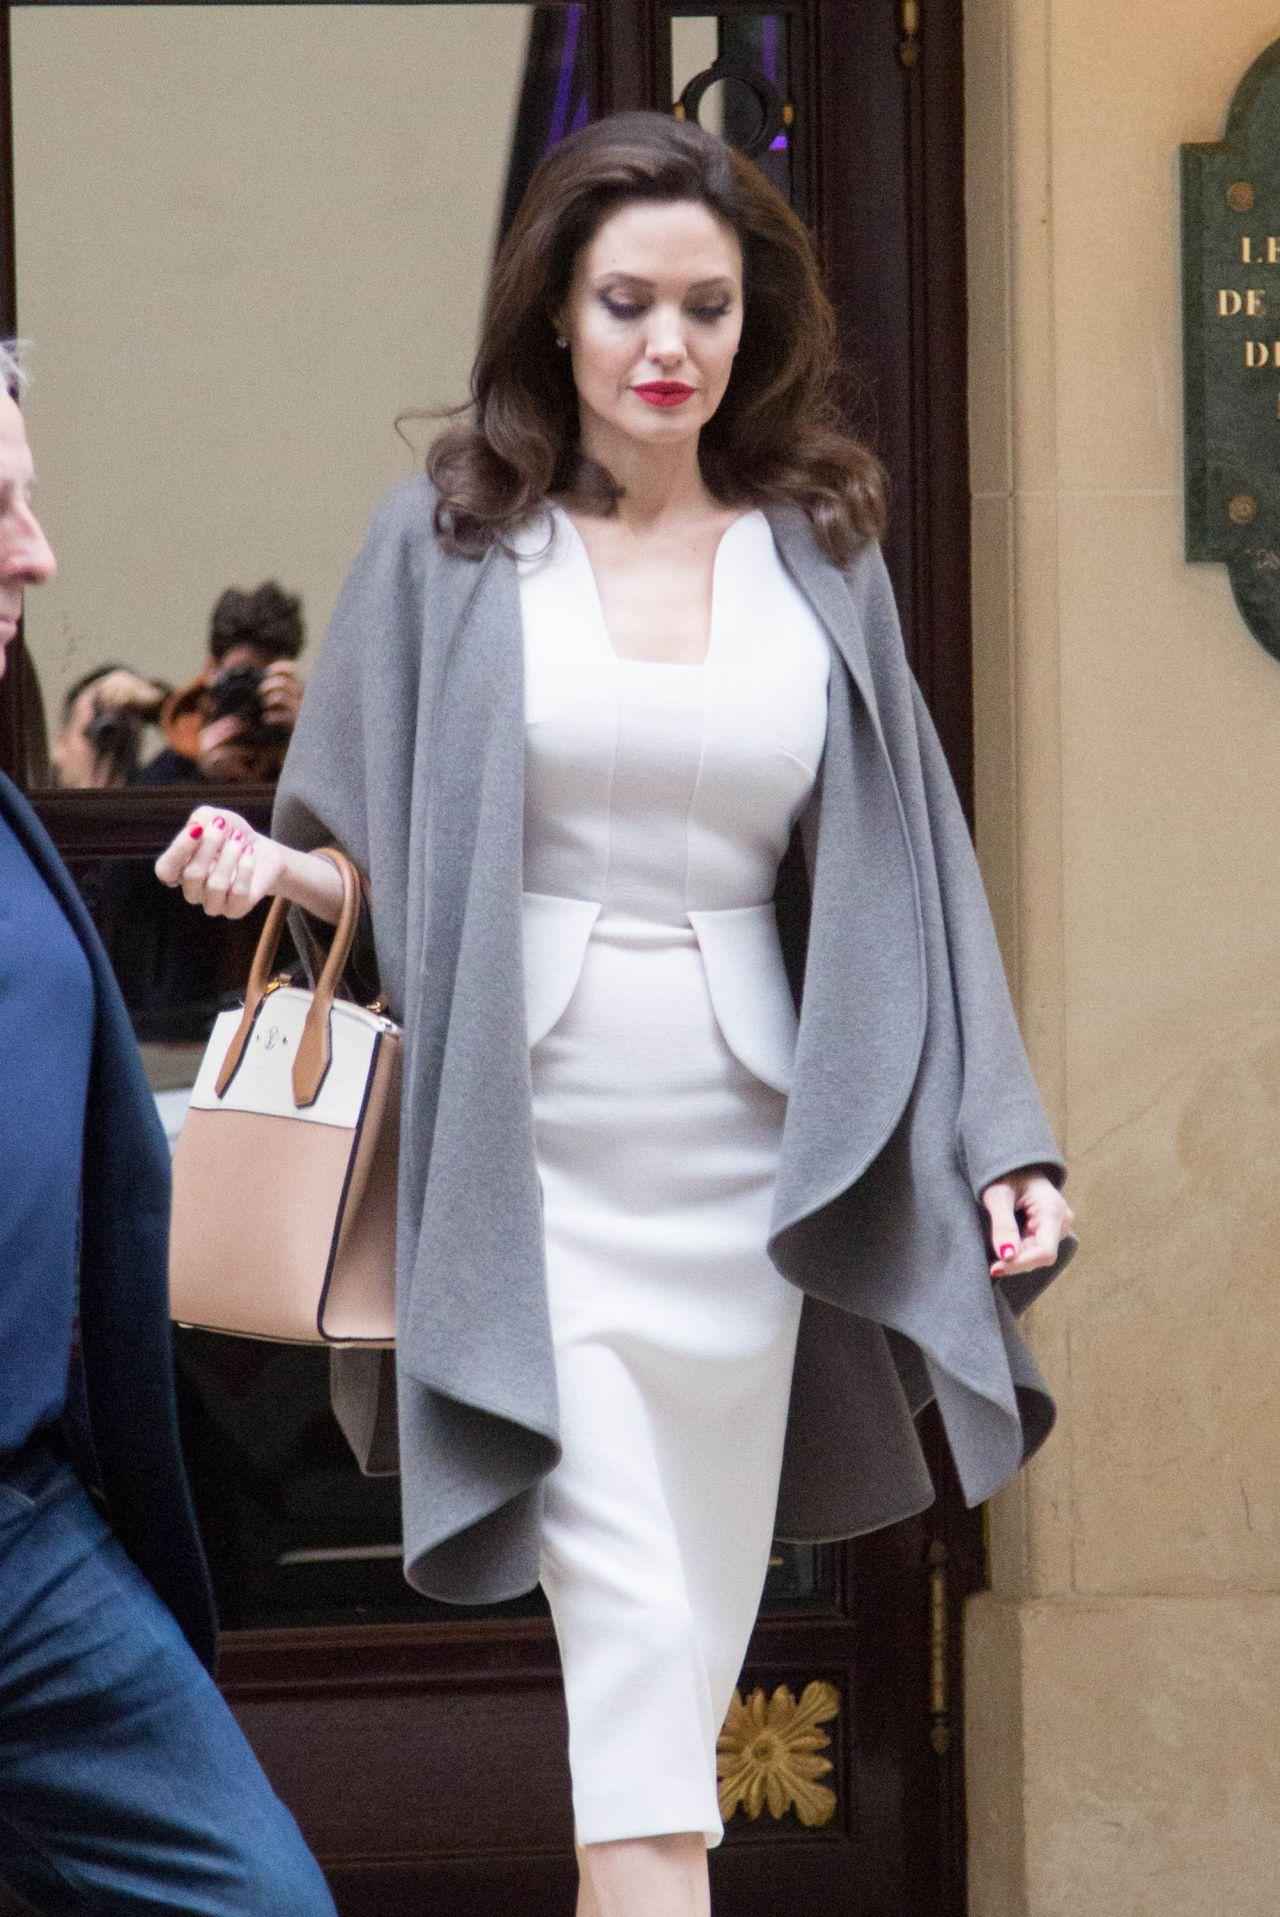 Angelina Jolie Leaving Her Hotel In Paris 01 30 2018